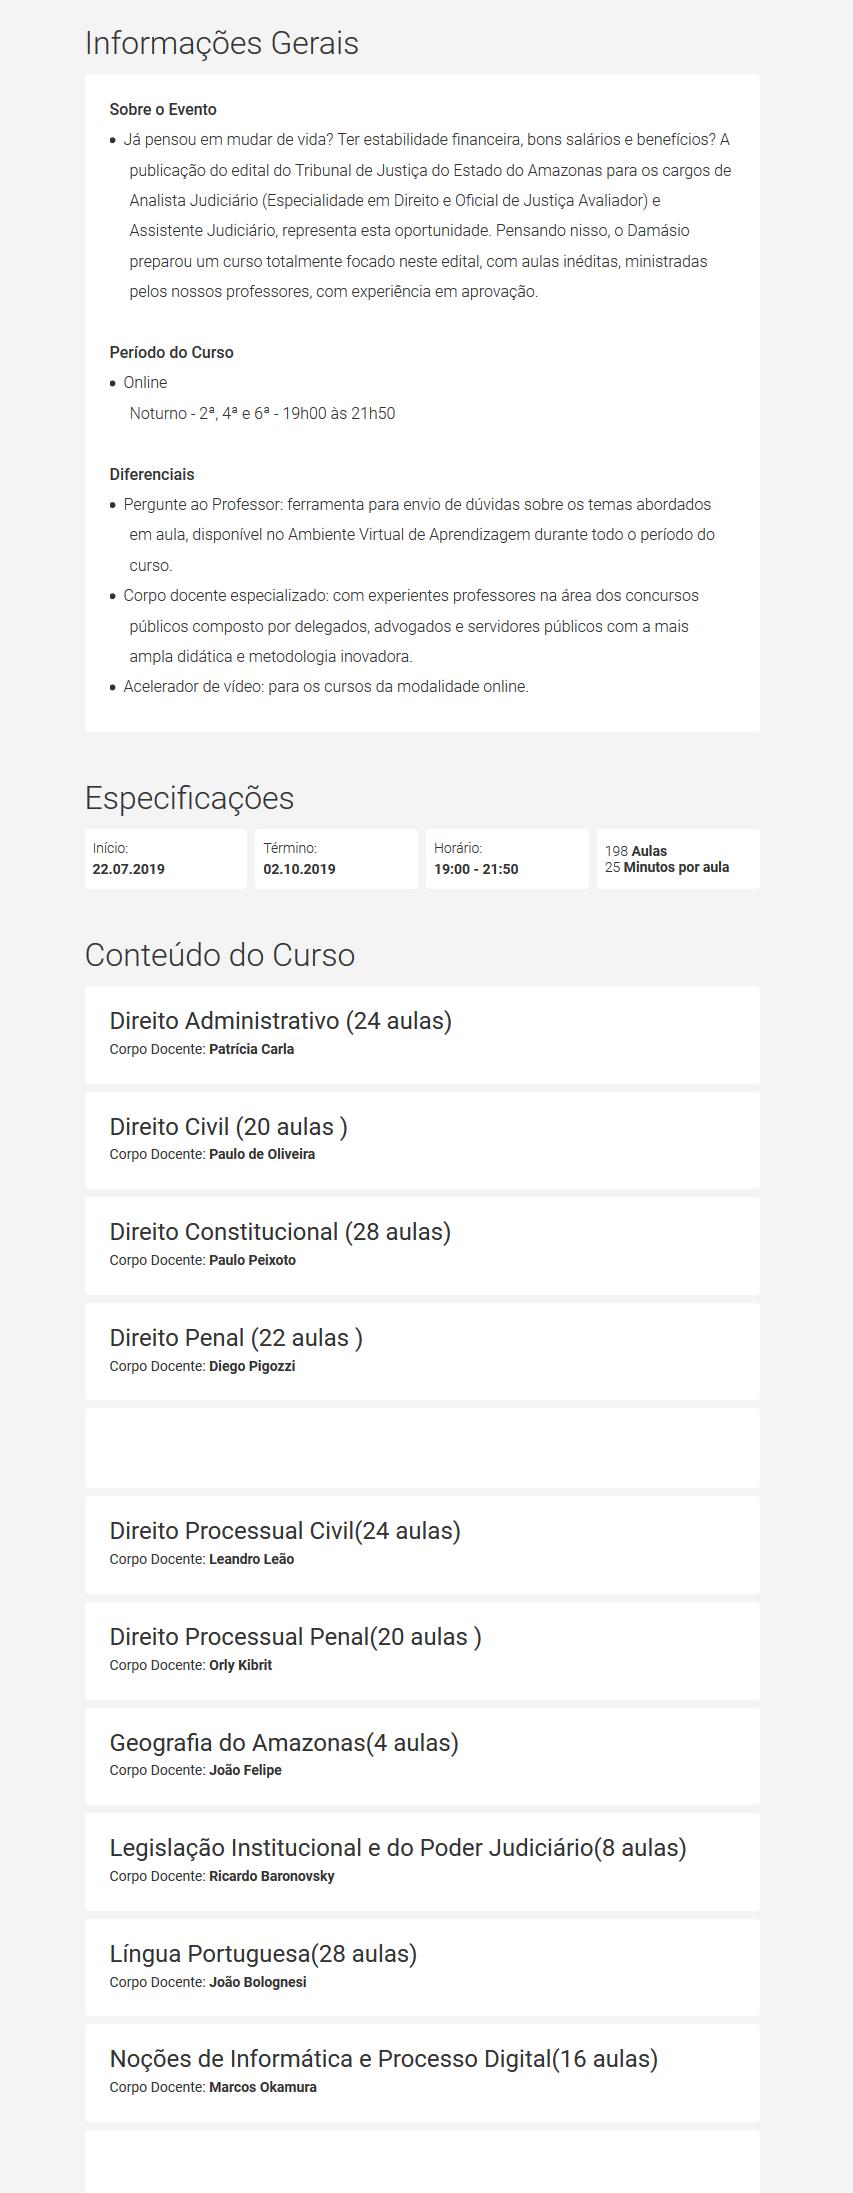 Analista_Judiciário_TJ-AM_-_dam.png